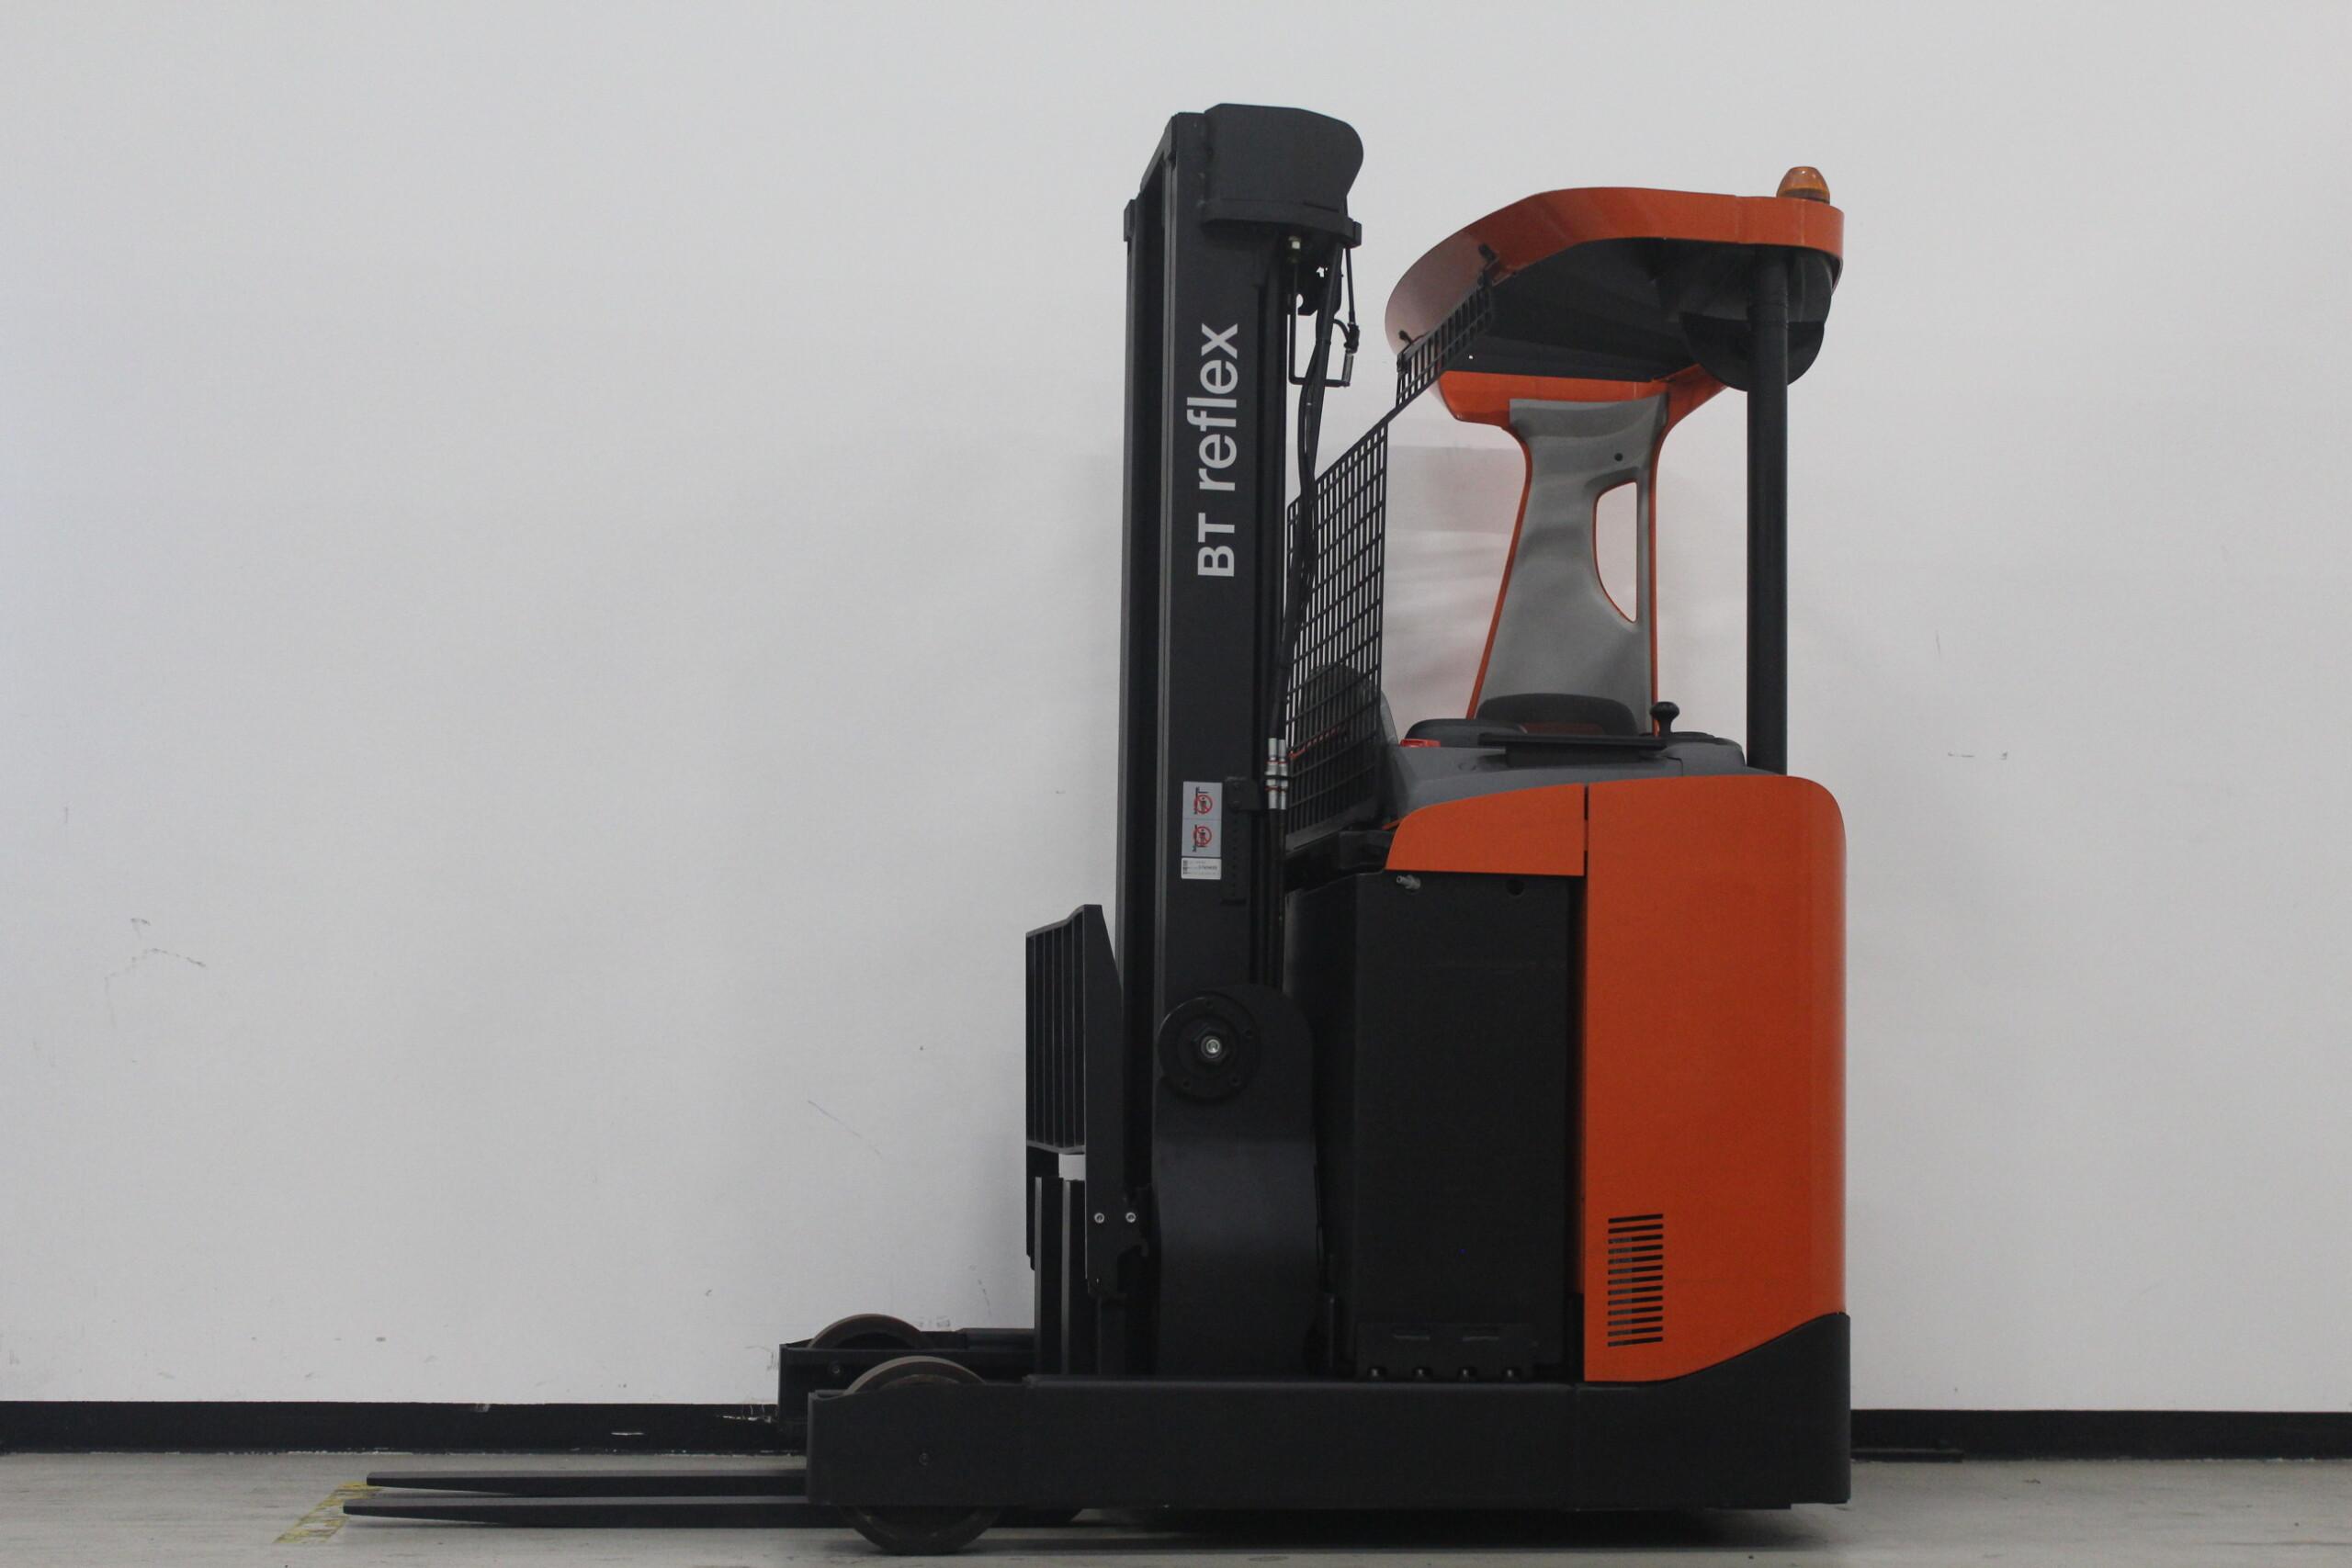 Toyota-Gabelstapler-59840 1604020085 1 31 scaled